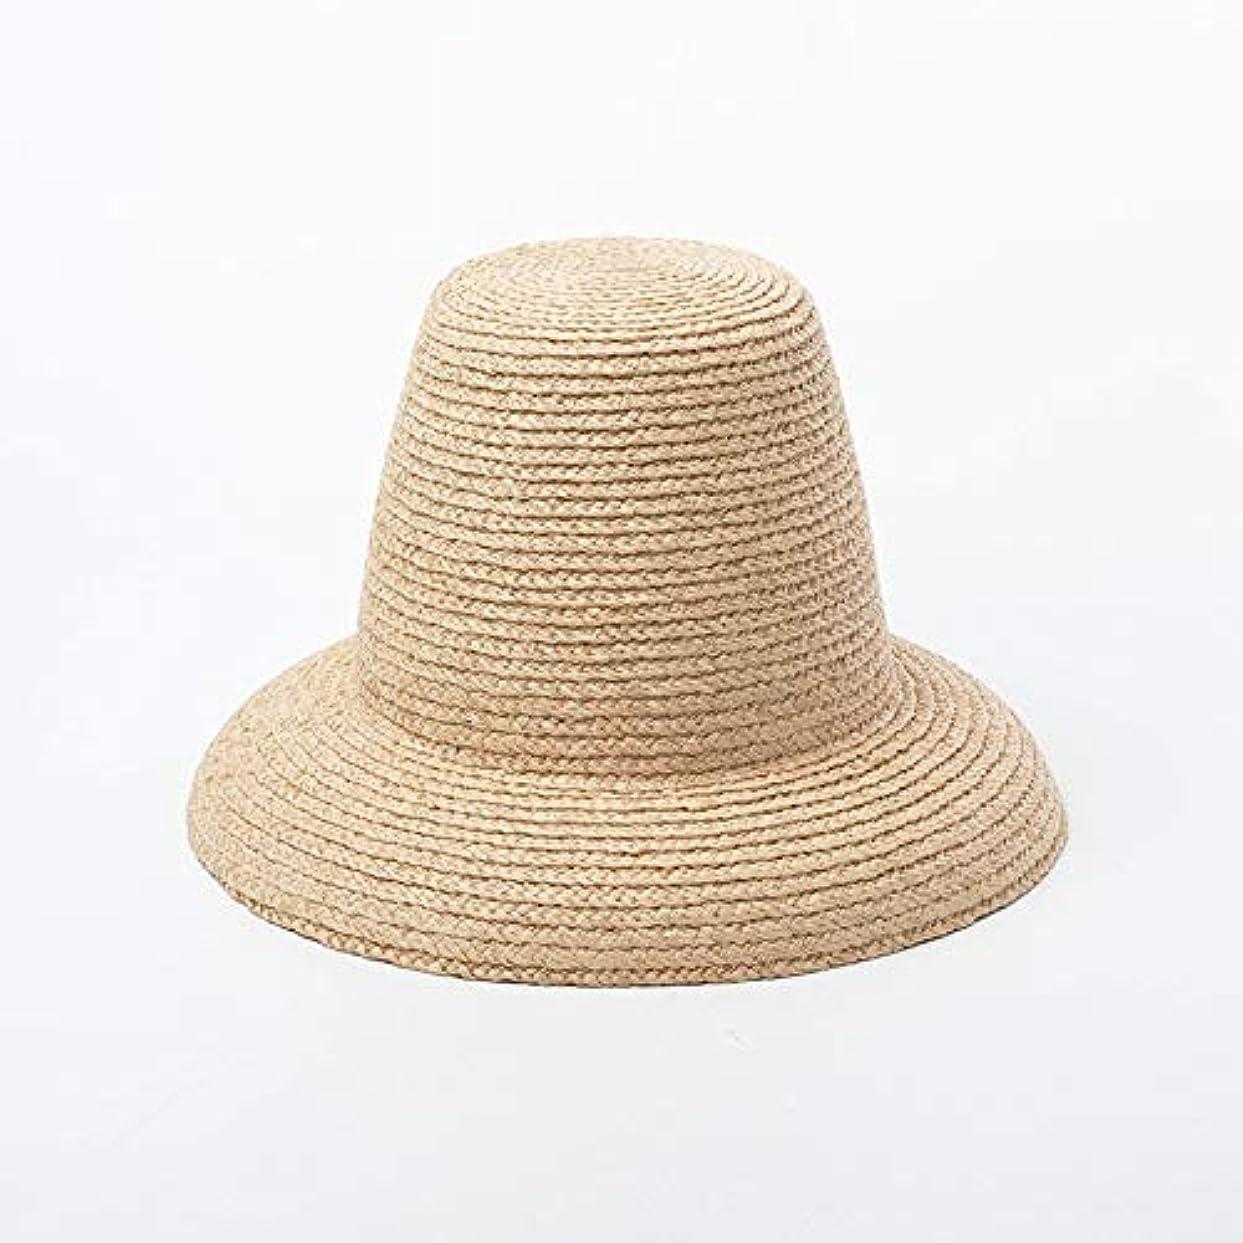 贅沢な悪党抗議レトロハイトップラフィット帽子ファッションステージキャットウォーク写真凹型ラフィット帽子